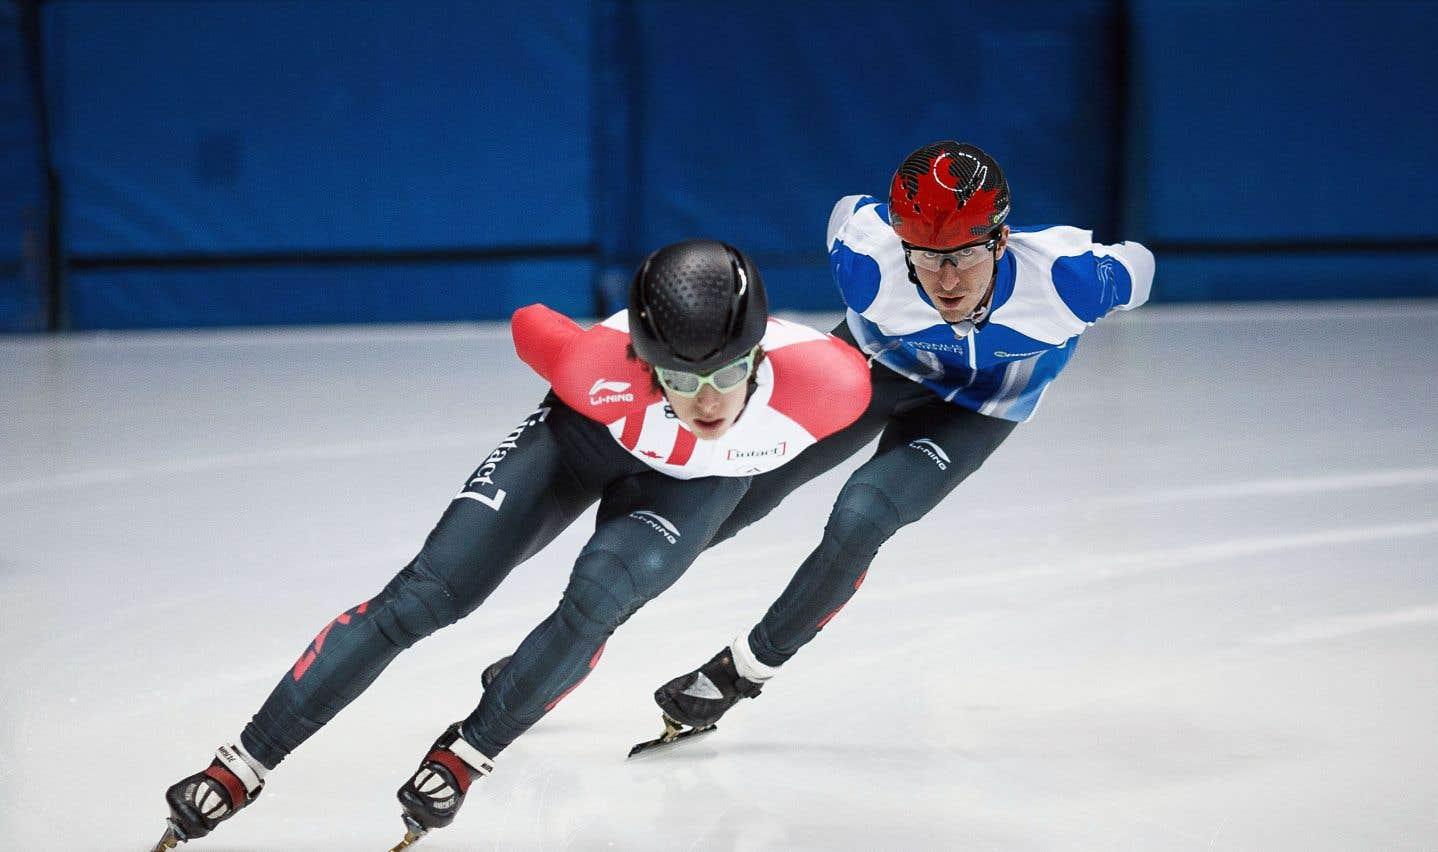 Incursion au sein de l'équipe de patinage de vitesse courte piste